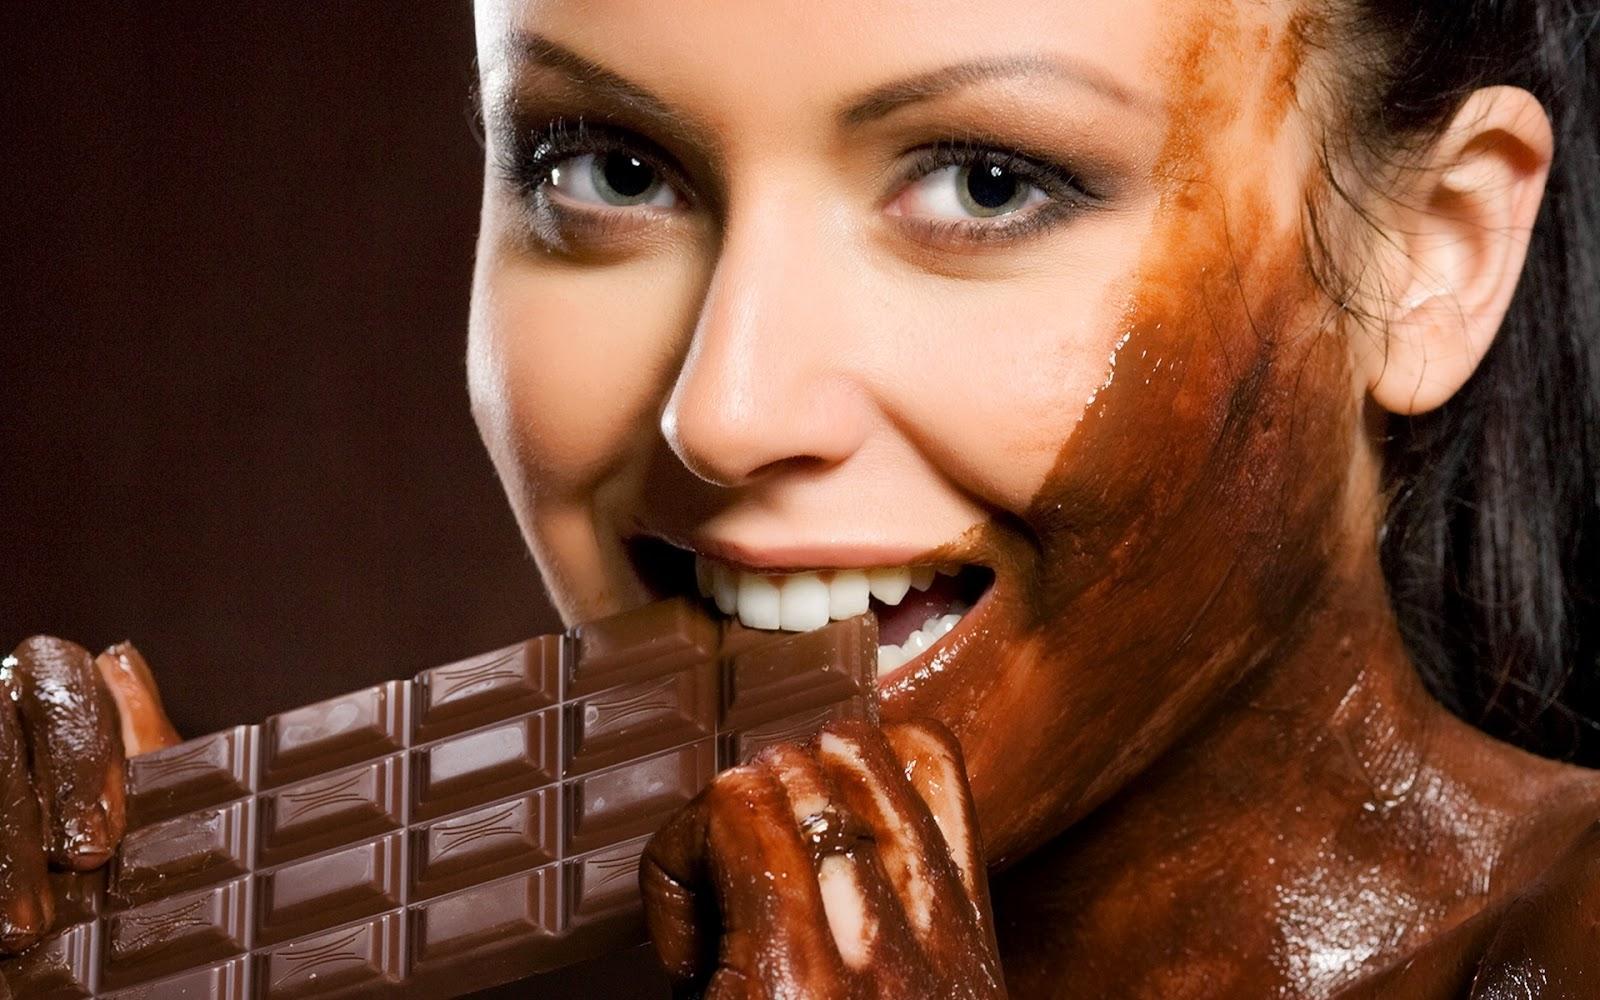 Hogyan ismerjük fel, hogy csokifüggők vagyunk?